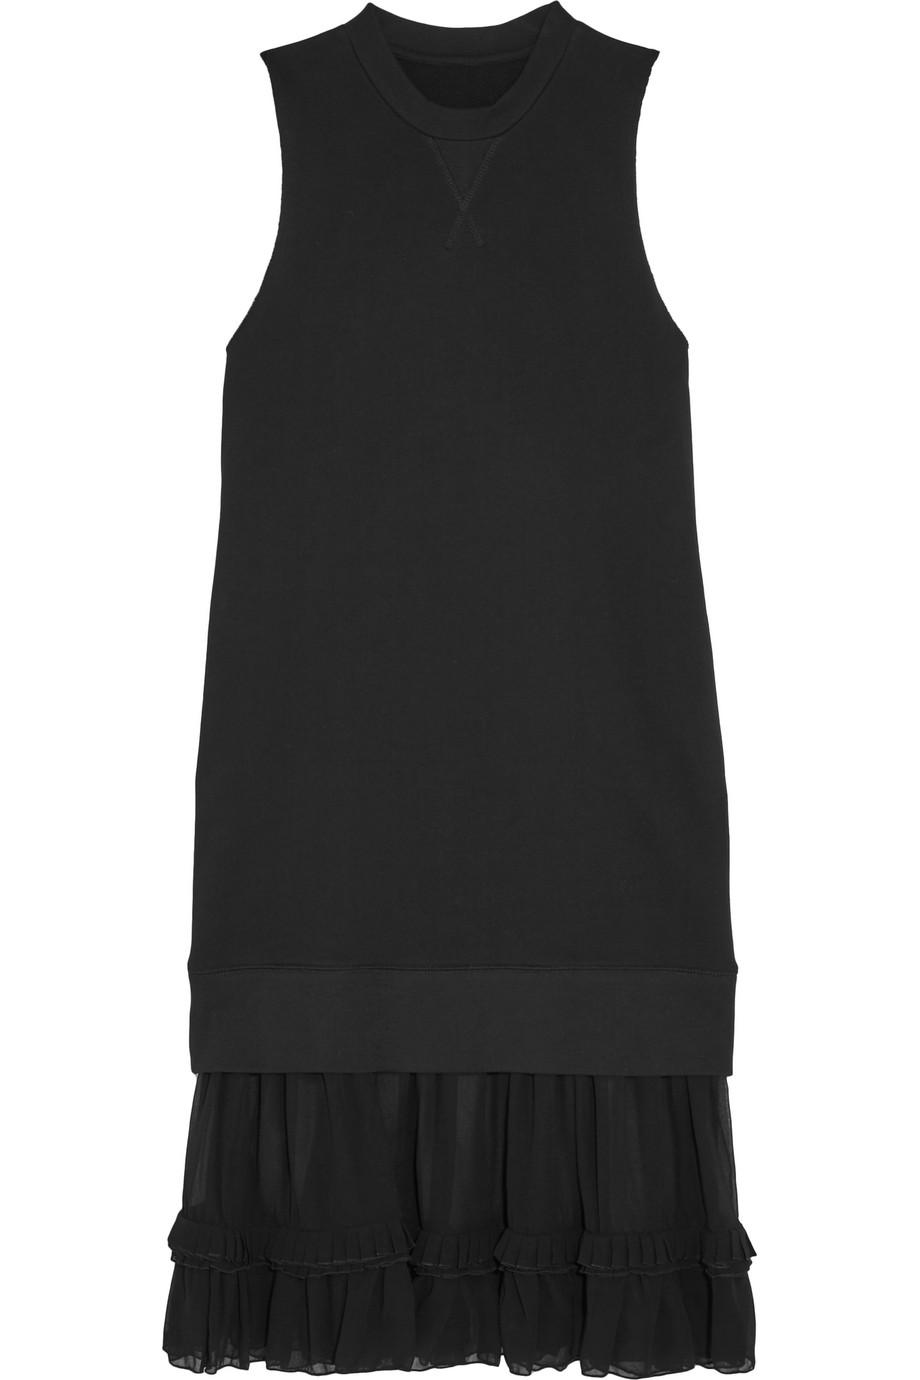 Ruffled Chiffon-Paneled Cotton-Jersey Dress, MM6 Maison Margiela, Black, Women's